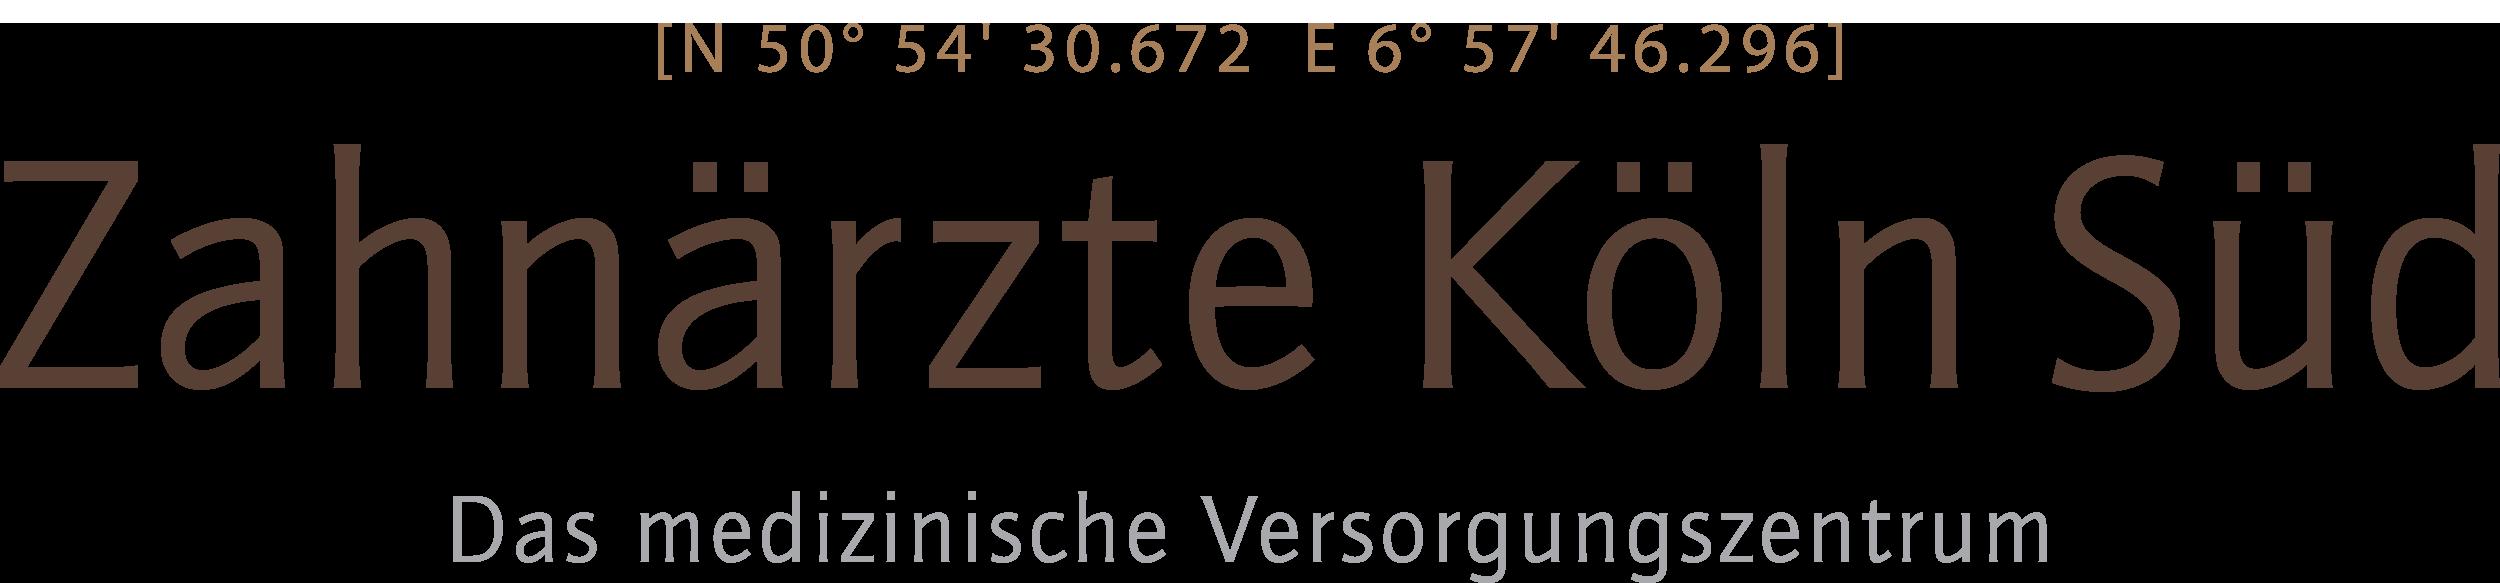 Zahnärzte Köln-Süd – Das medizinische Versorgungszentrum in Köln